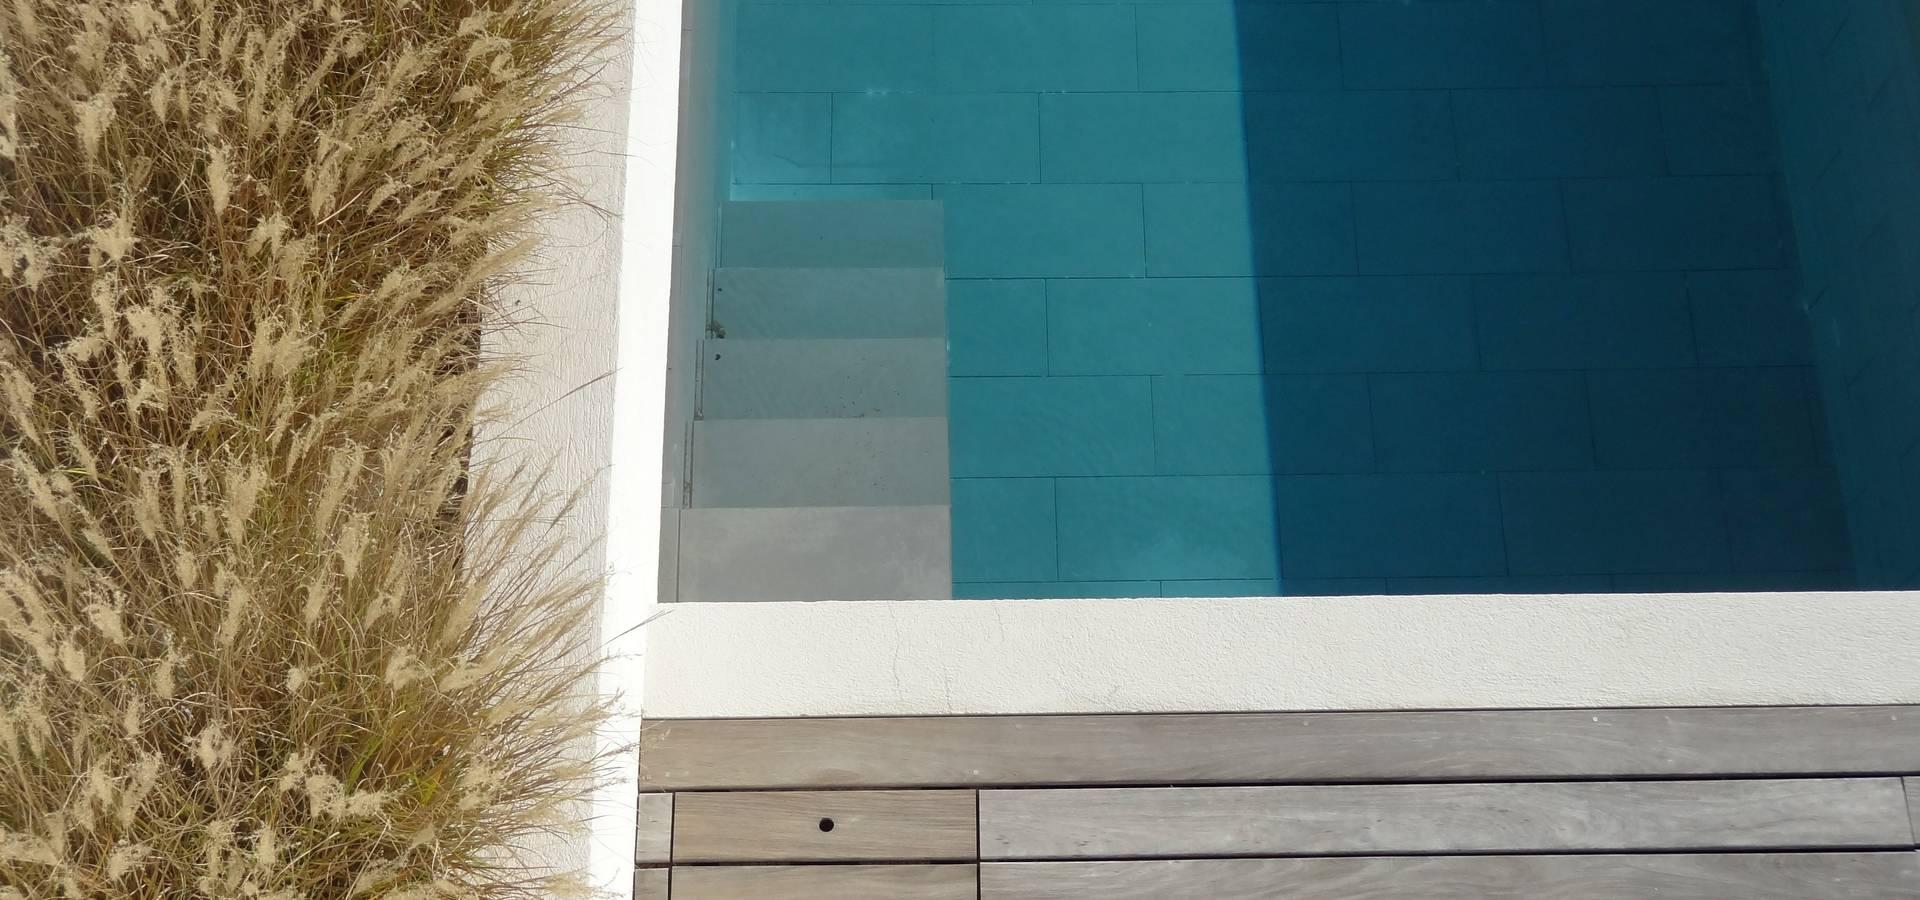 Casa Architecture